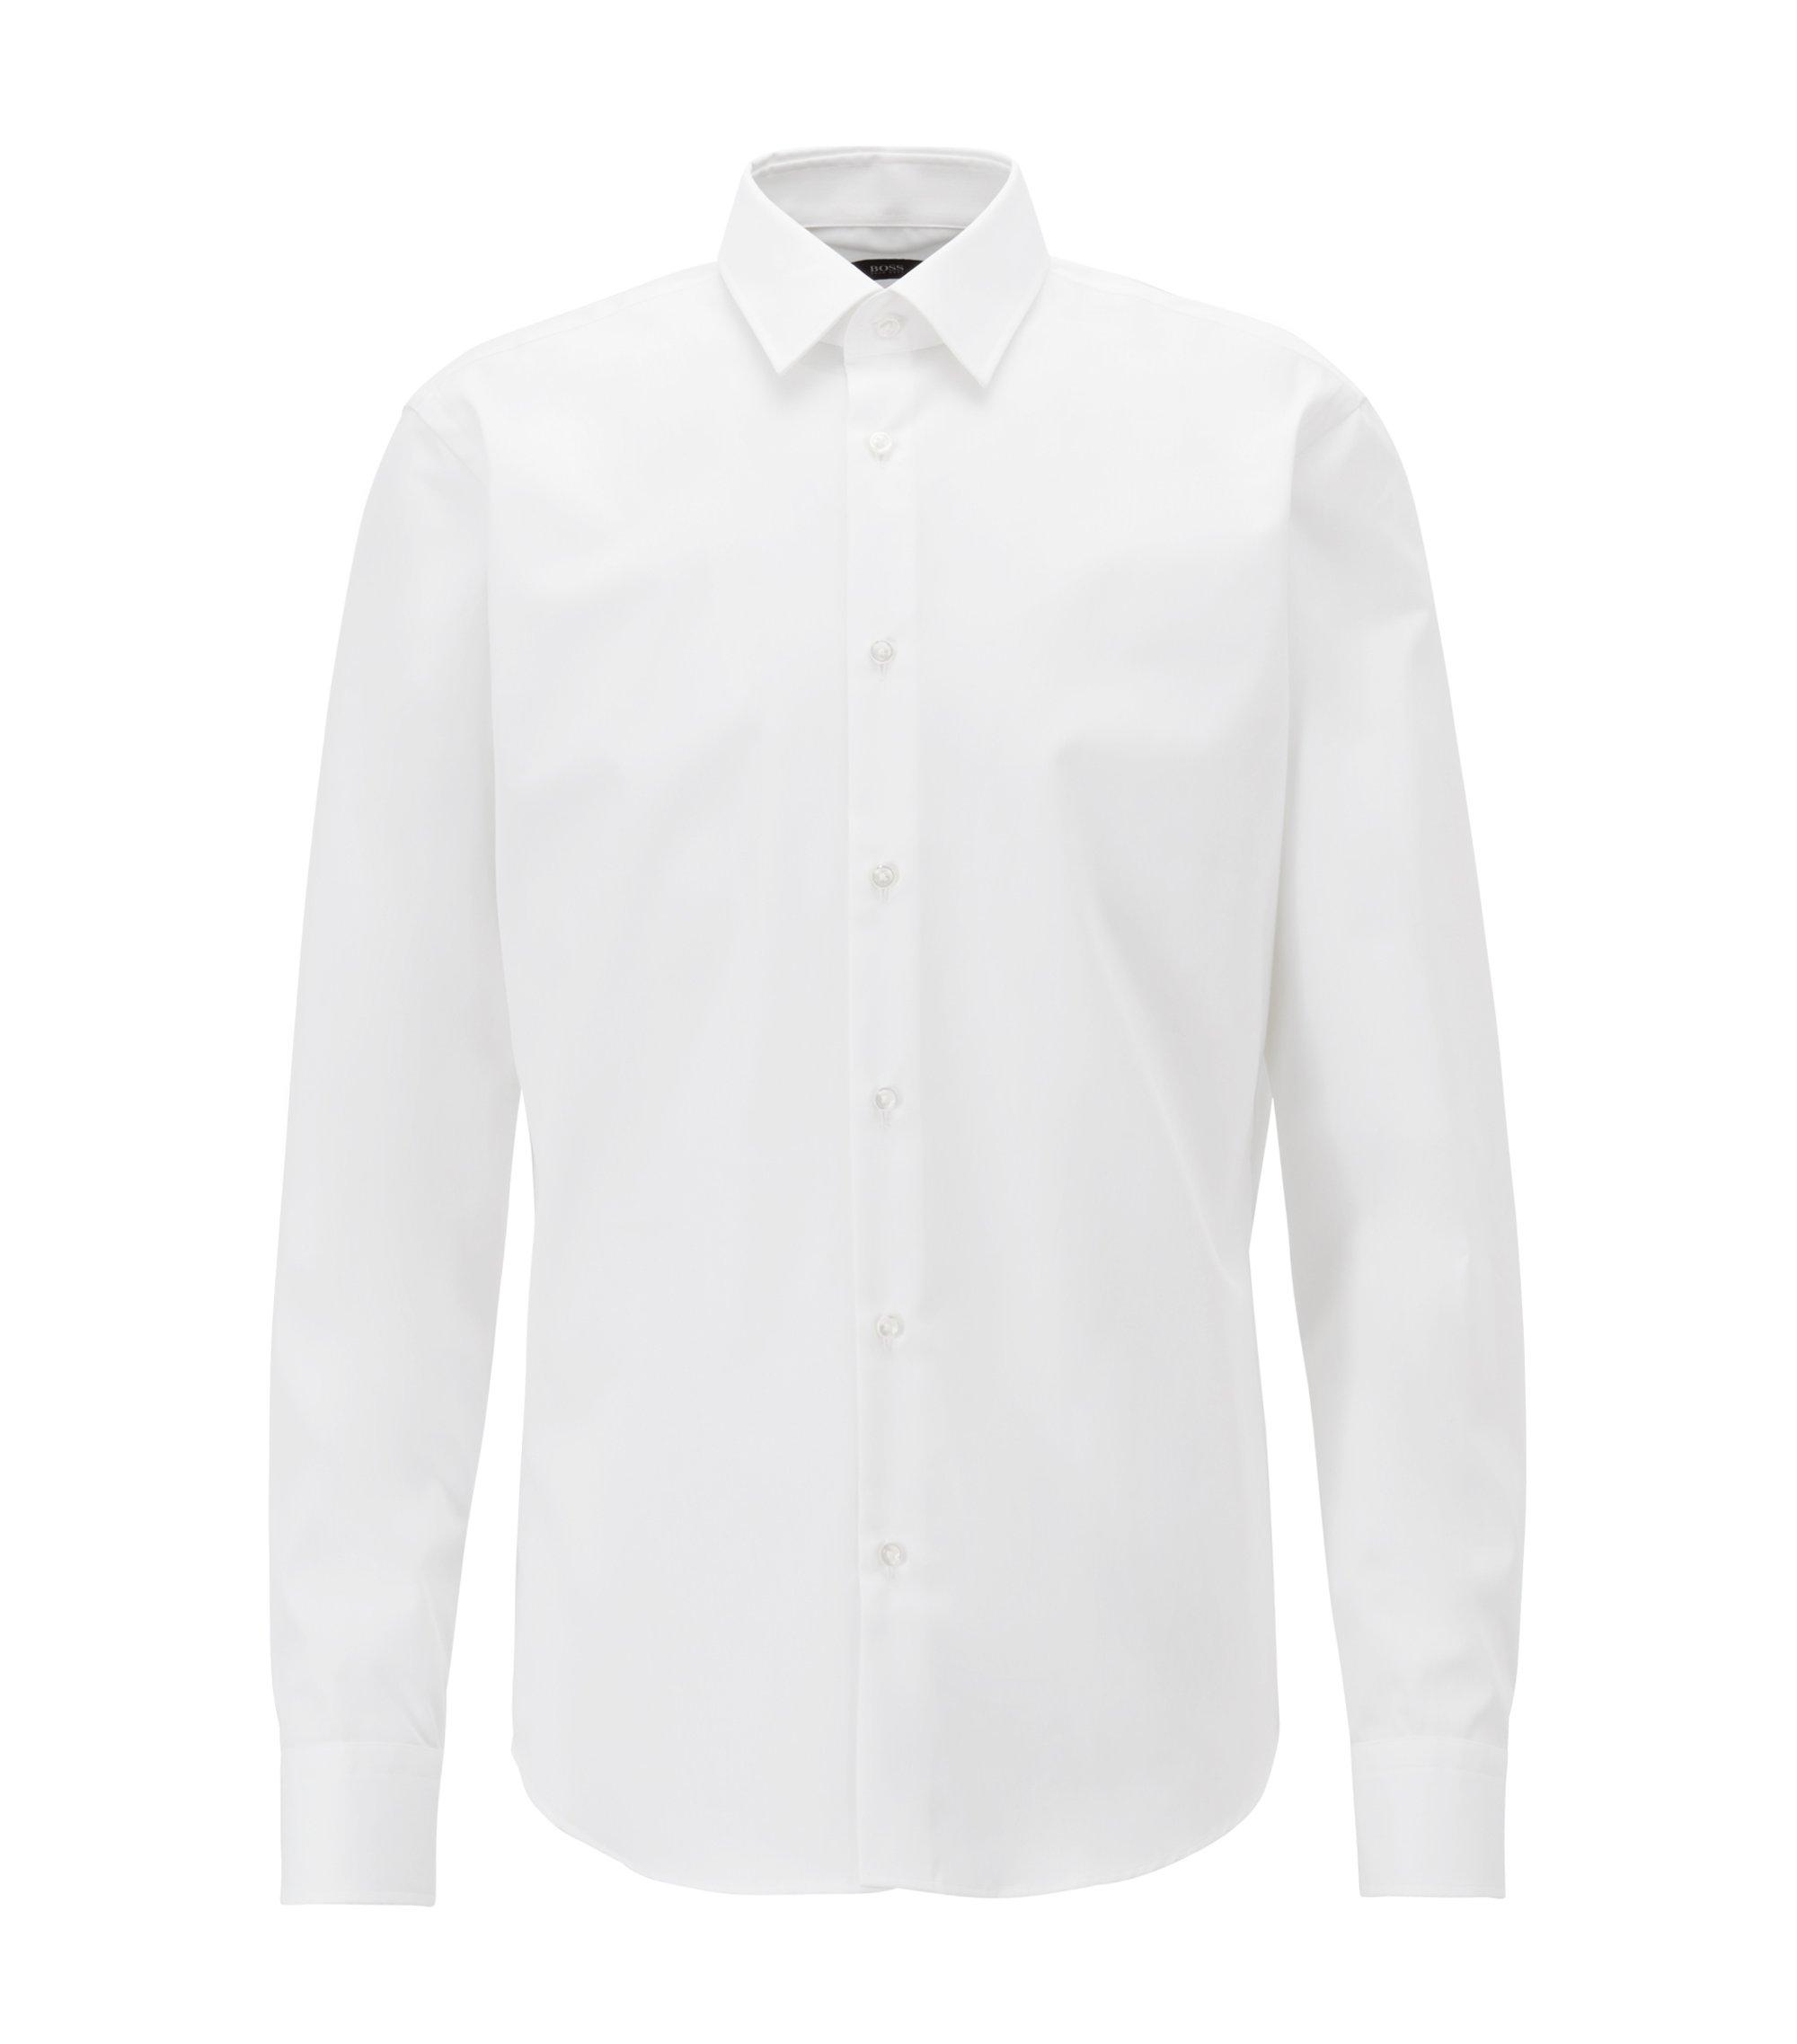 Regular-Fit Business-Hemd aus reiner Baumwolle, Weiß